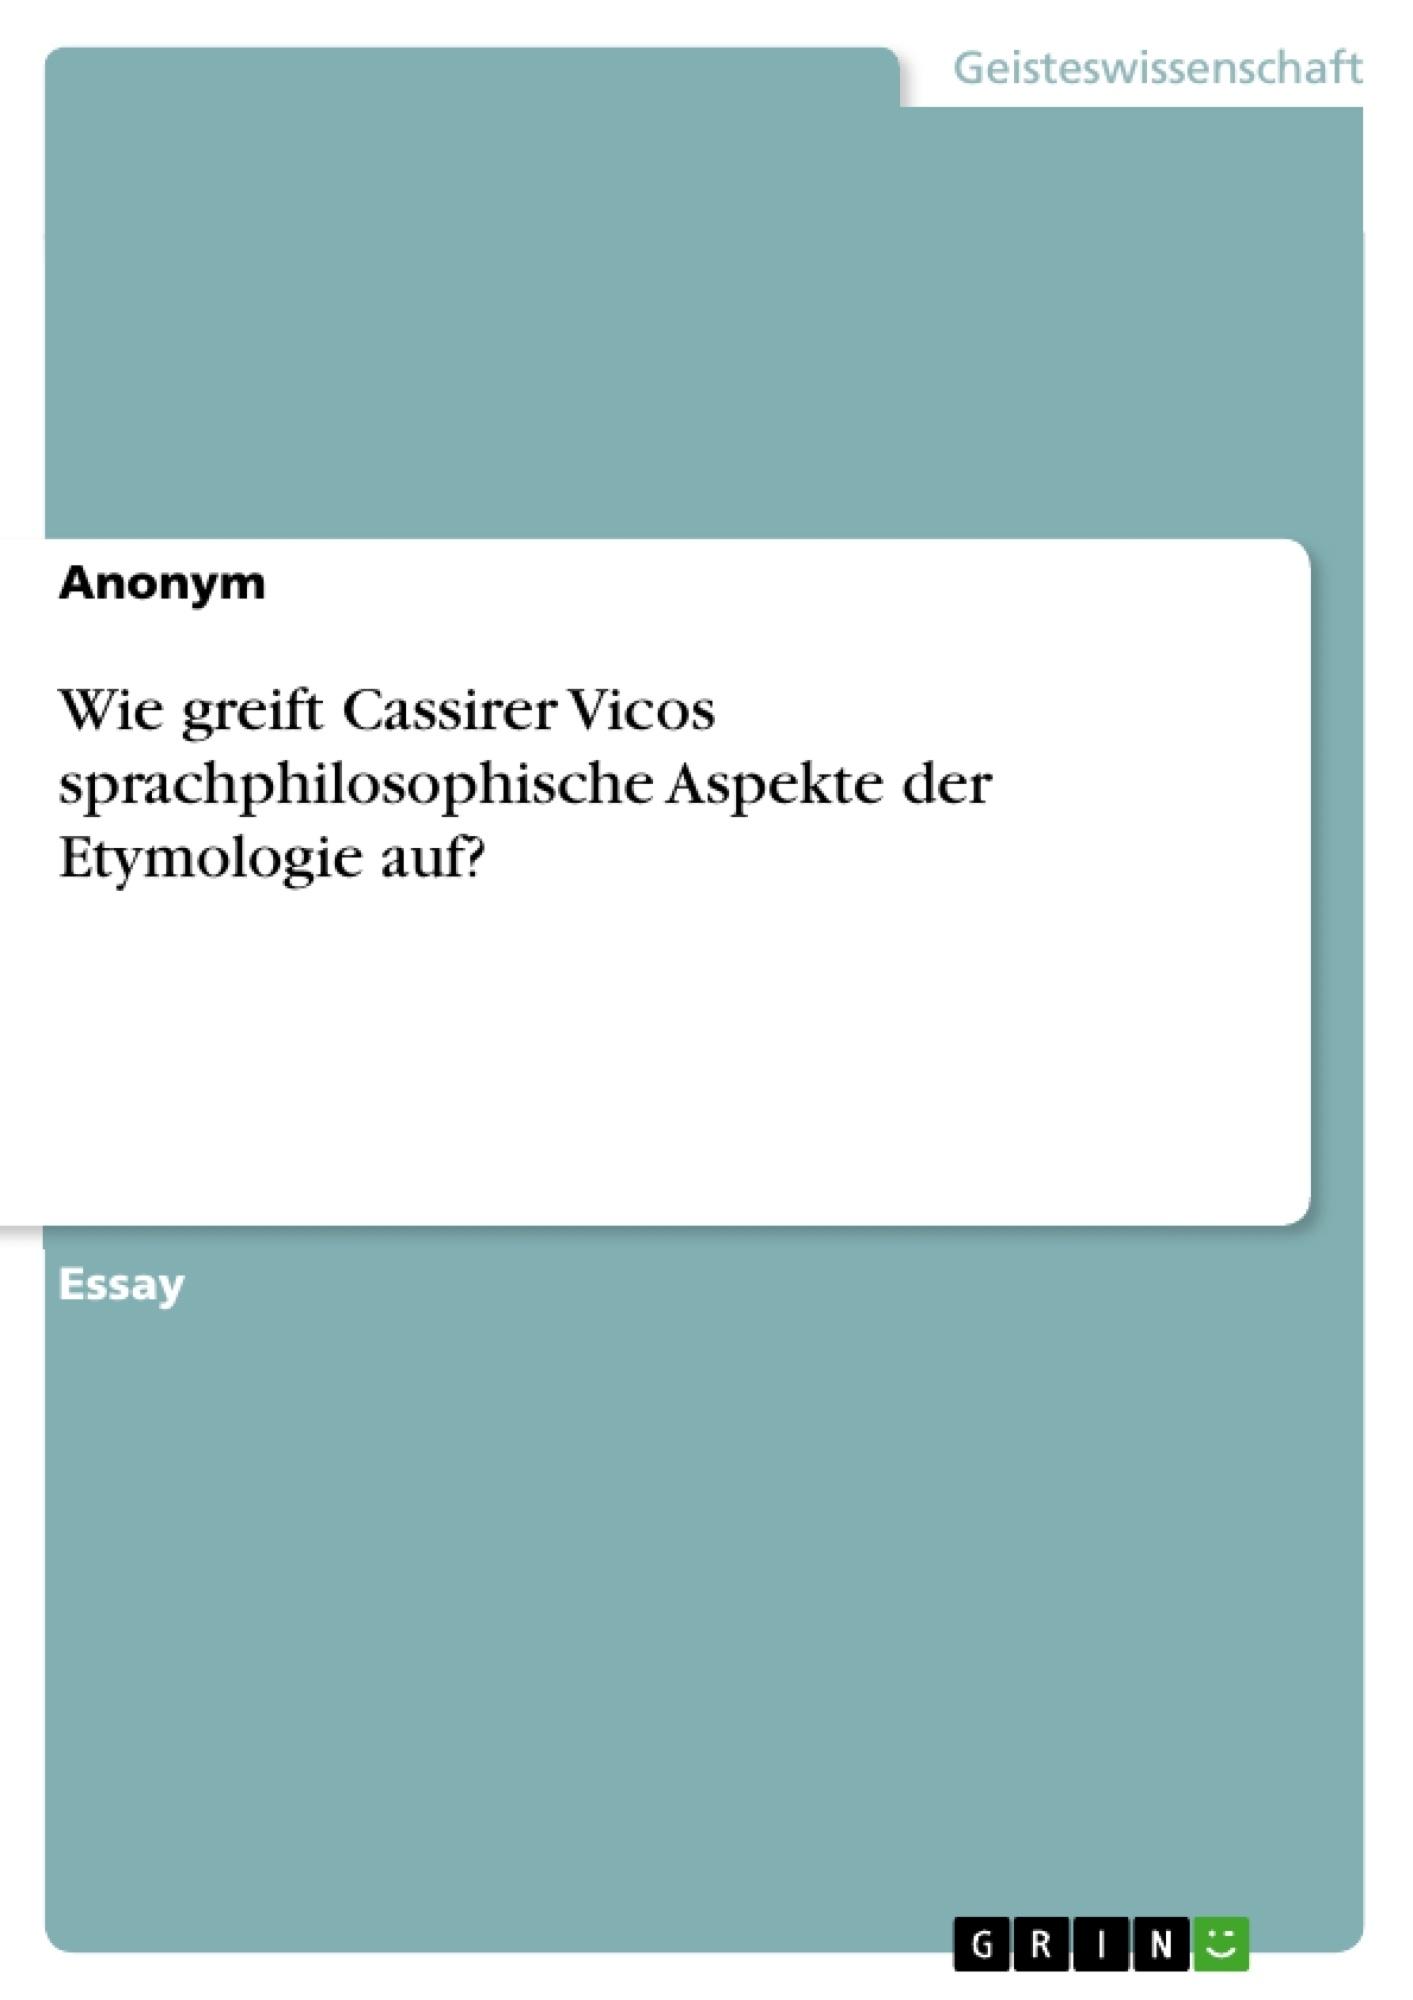 Titel: Wie greift Cassirer Vicos sprachphilosophische Aspekte der Etymologie auf?